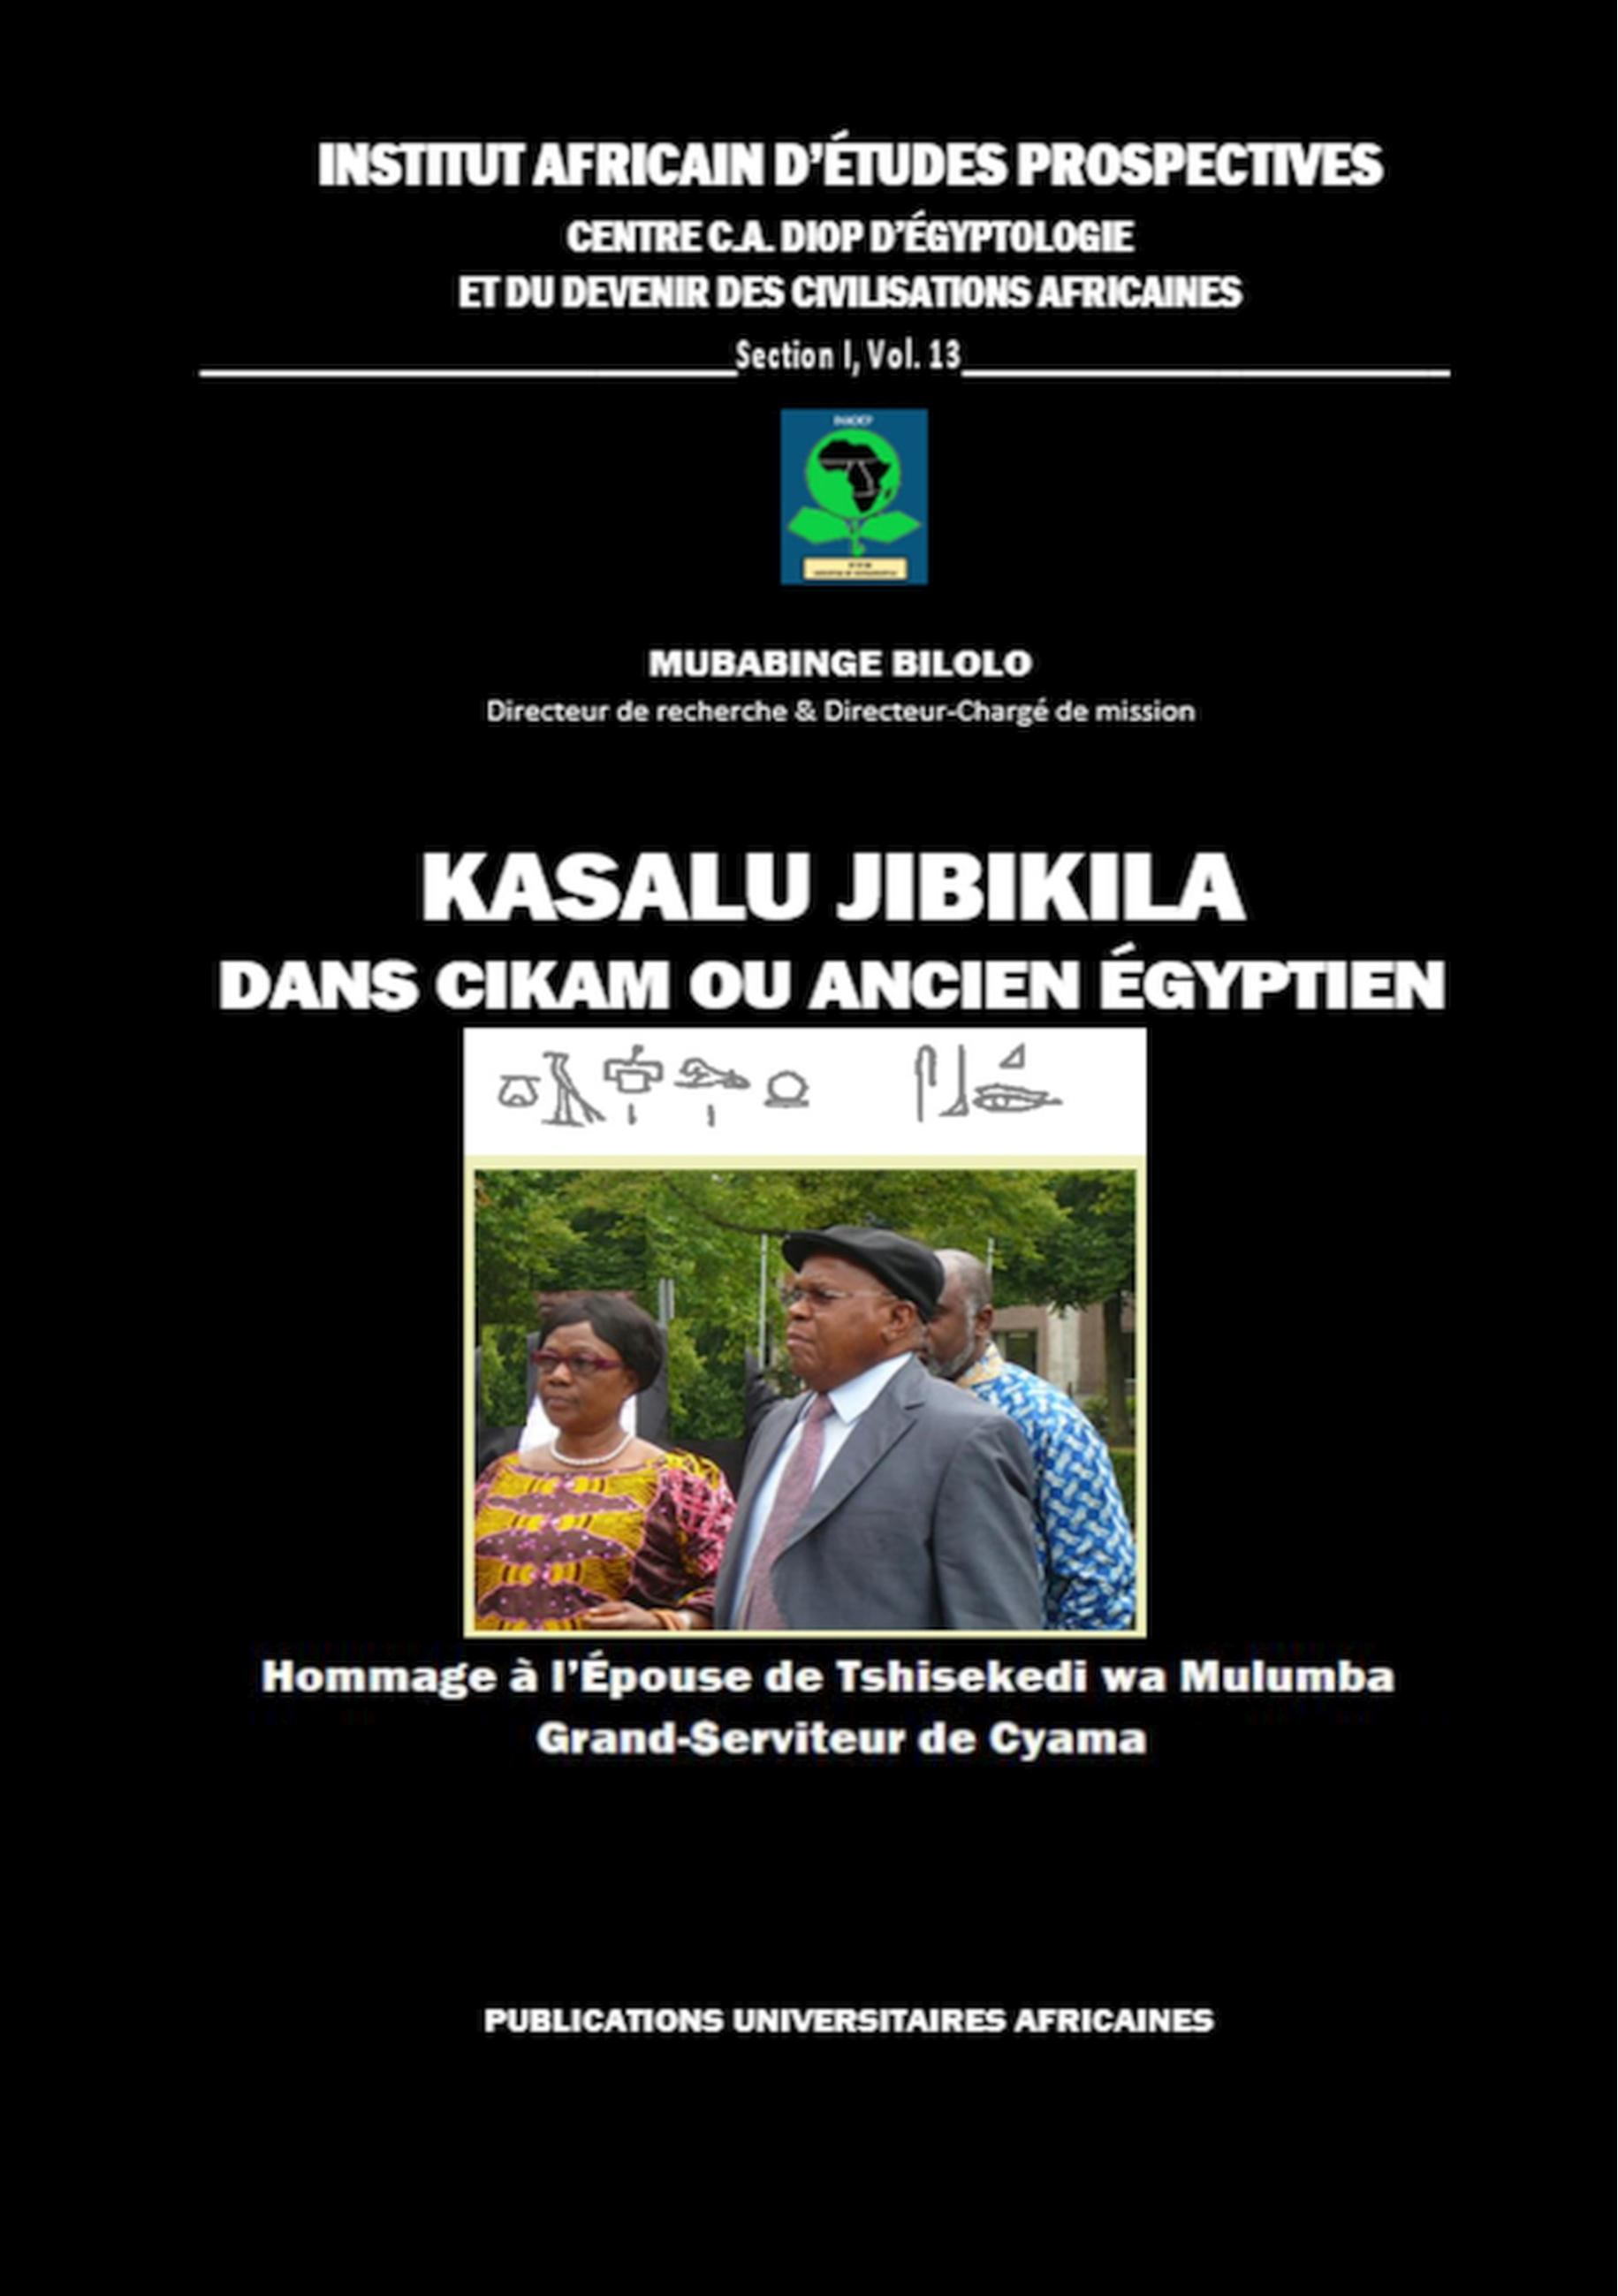 Kasalu Jibikila dans CiKam ou Ancien-Egyptien - Bilolo, Mubabinge